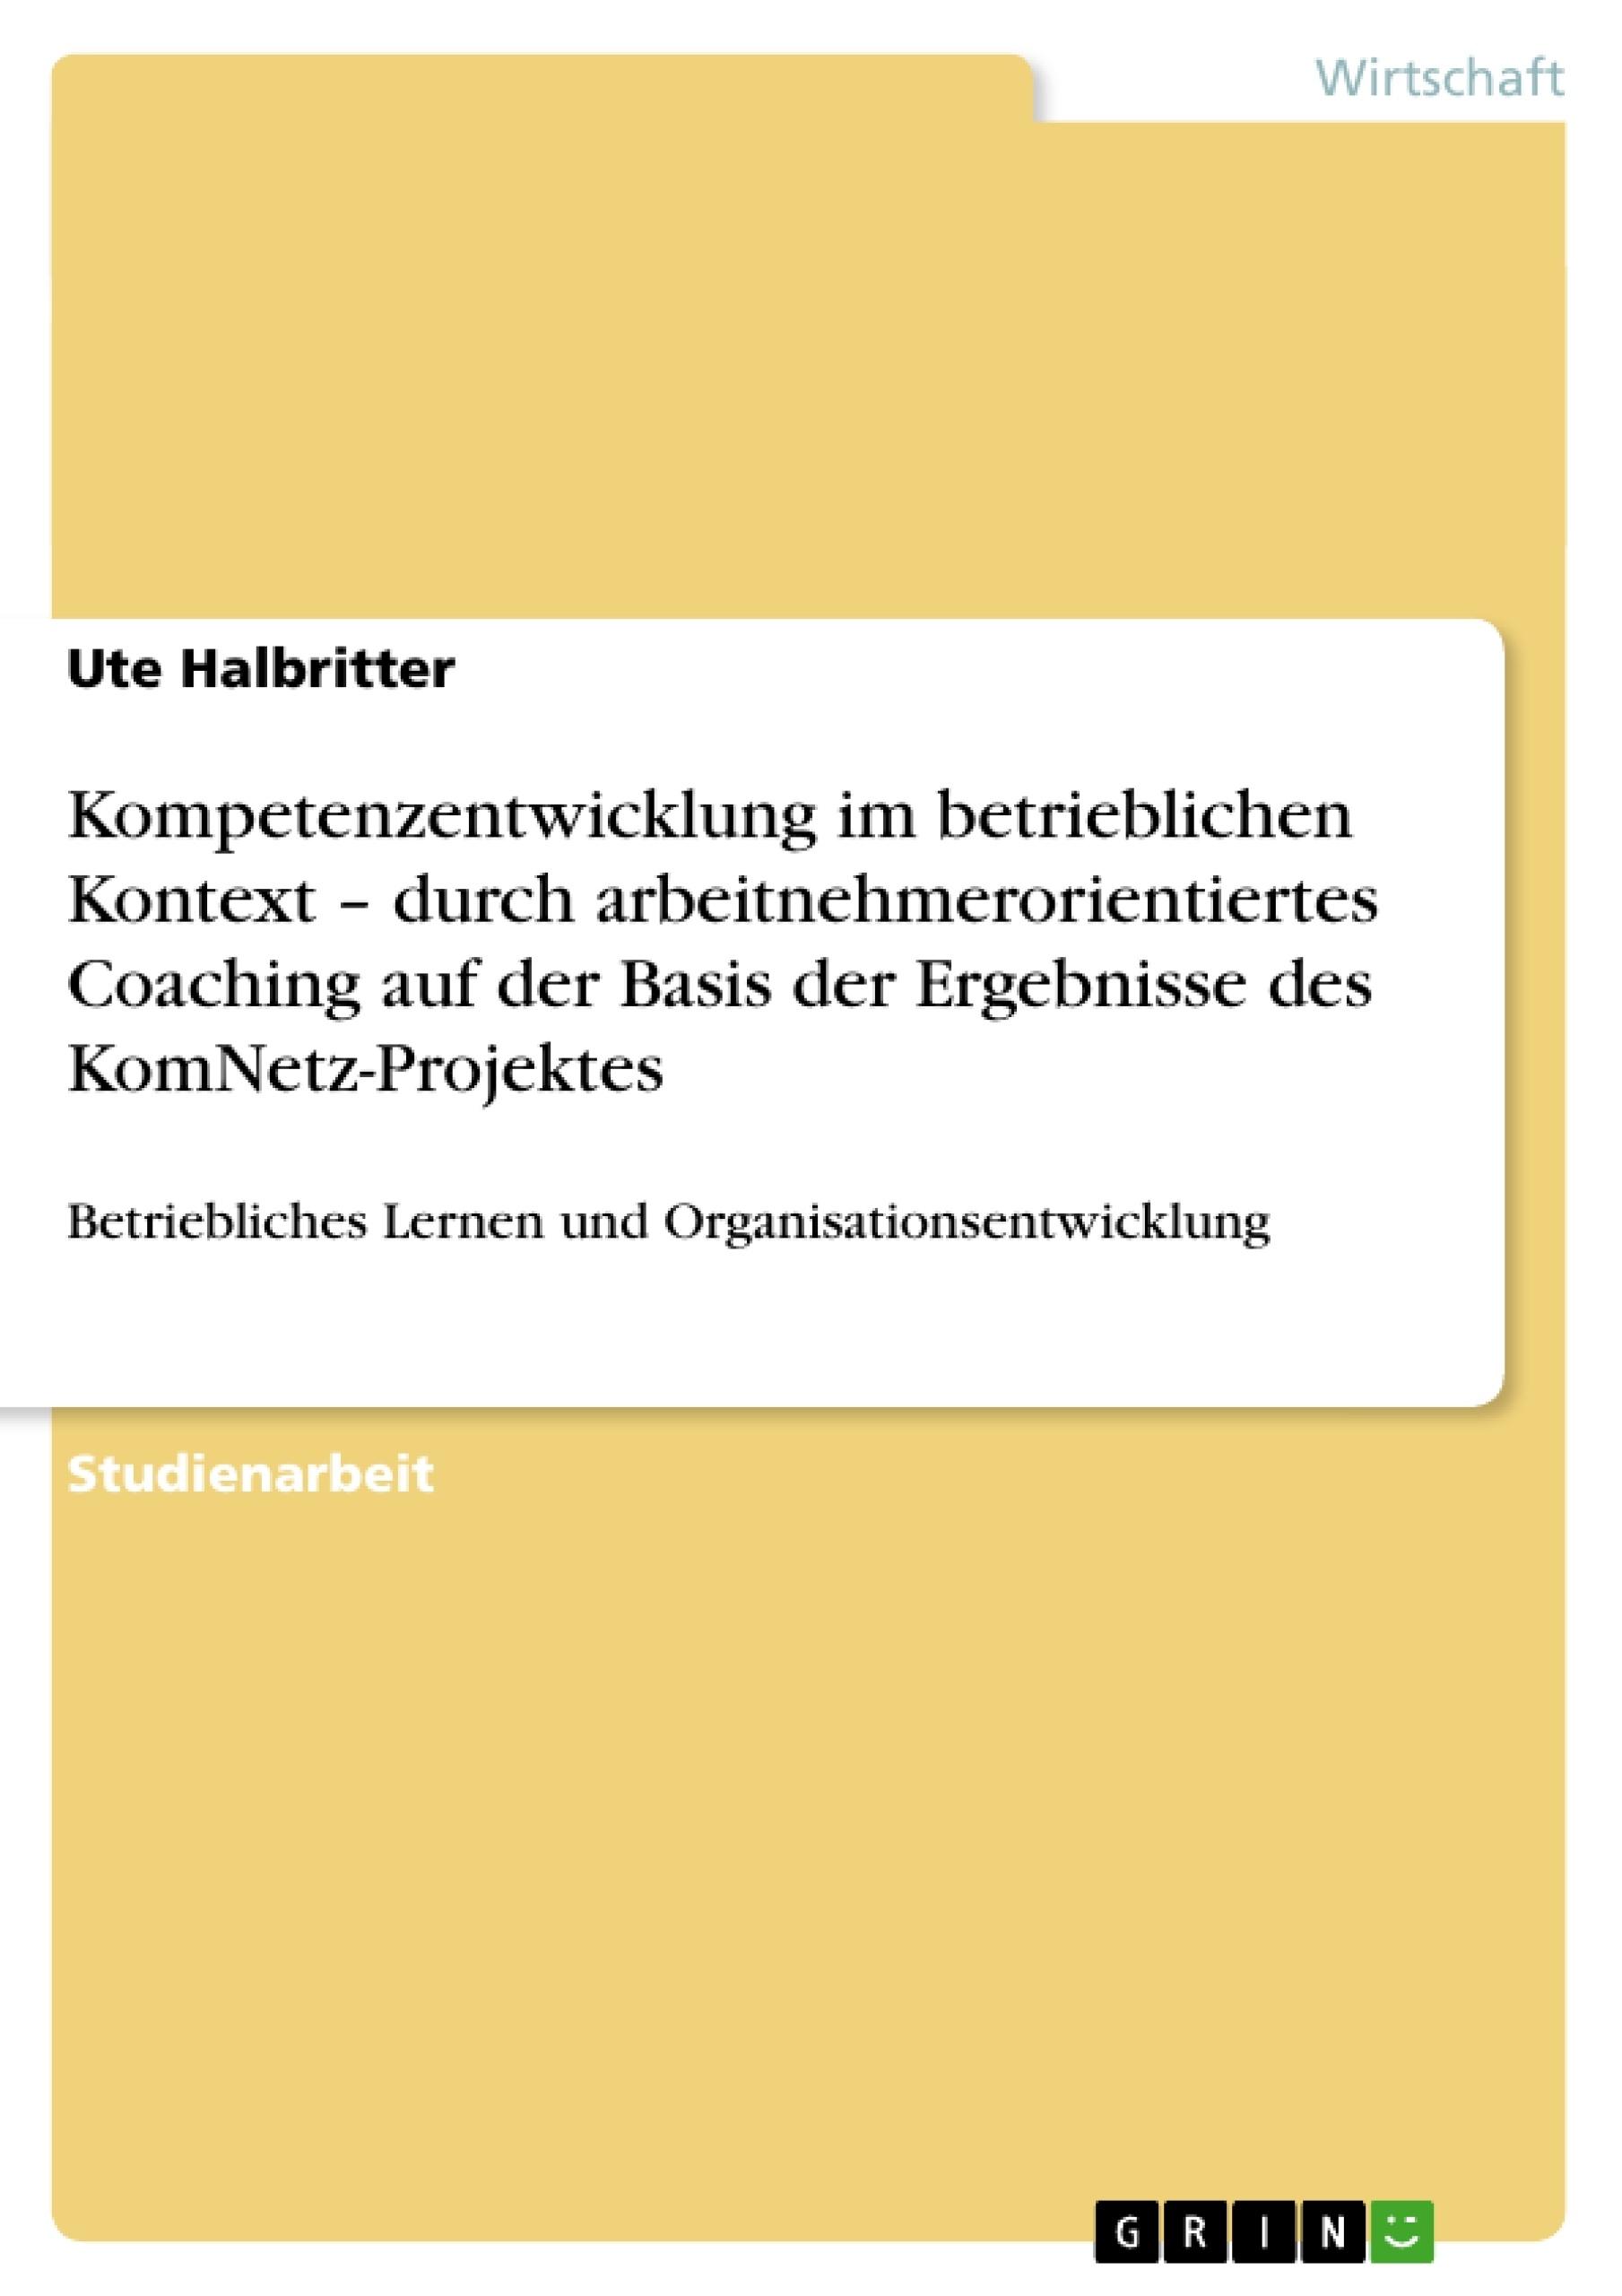 Titel: Kompetenzentwicklung im betrieblichen Kontext – durch arbeitnehmerorientiertes Coaching auf der Basis der Ergebnisse des KomNetz-Projektes